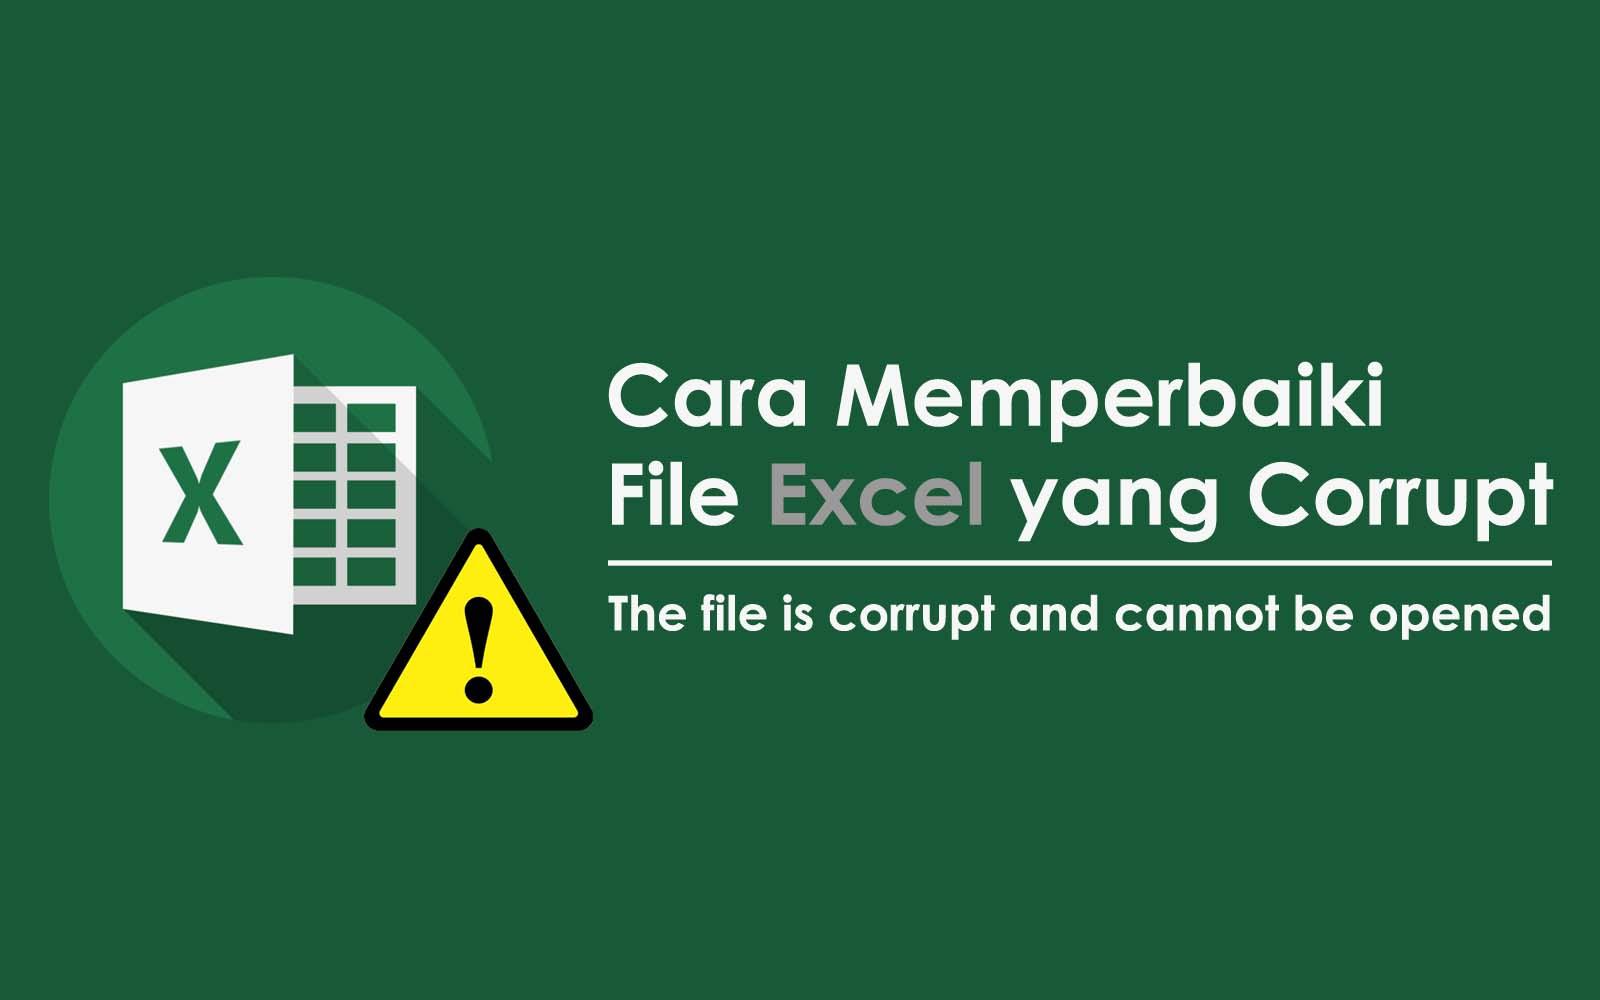 cara memperbaiki data excel yang corrupt